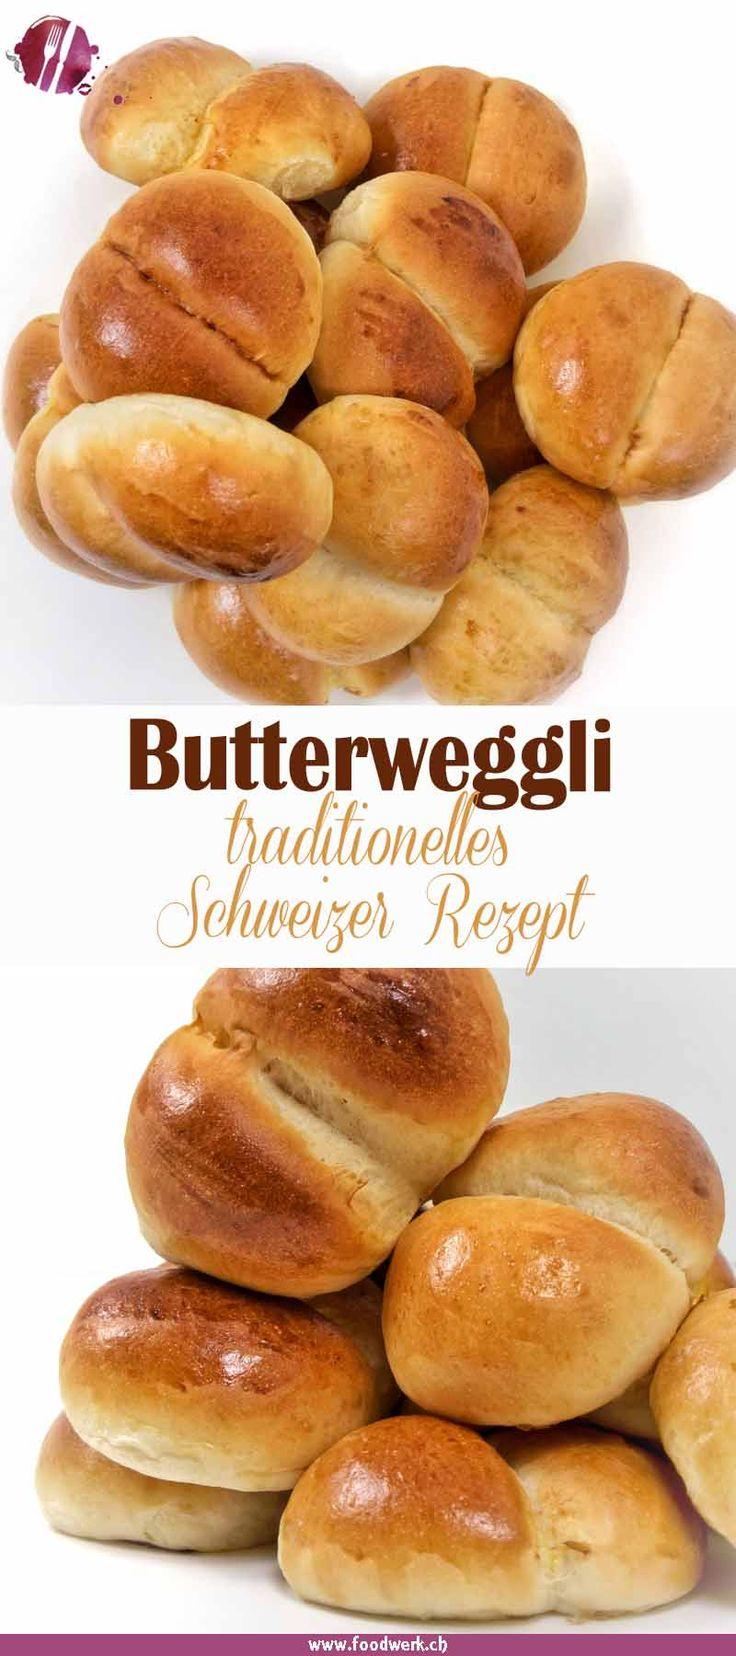 Brot gibt es unzähligen Varianten. Eine davon sind diese Weggli. So richtig flaumige Butter- oder Milch- Weggli wie vom Bäcker. Das traditionelle Rezept ist einfach zu backen und hohlt so manche Kindheitserinnerung hervor. #brot #backen #erinnerungen #rezeptideen #rezept #Frühstück #jause #soft